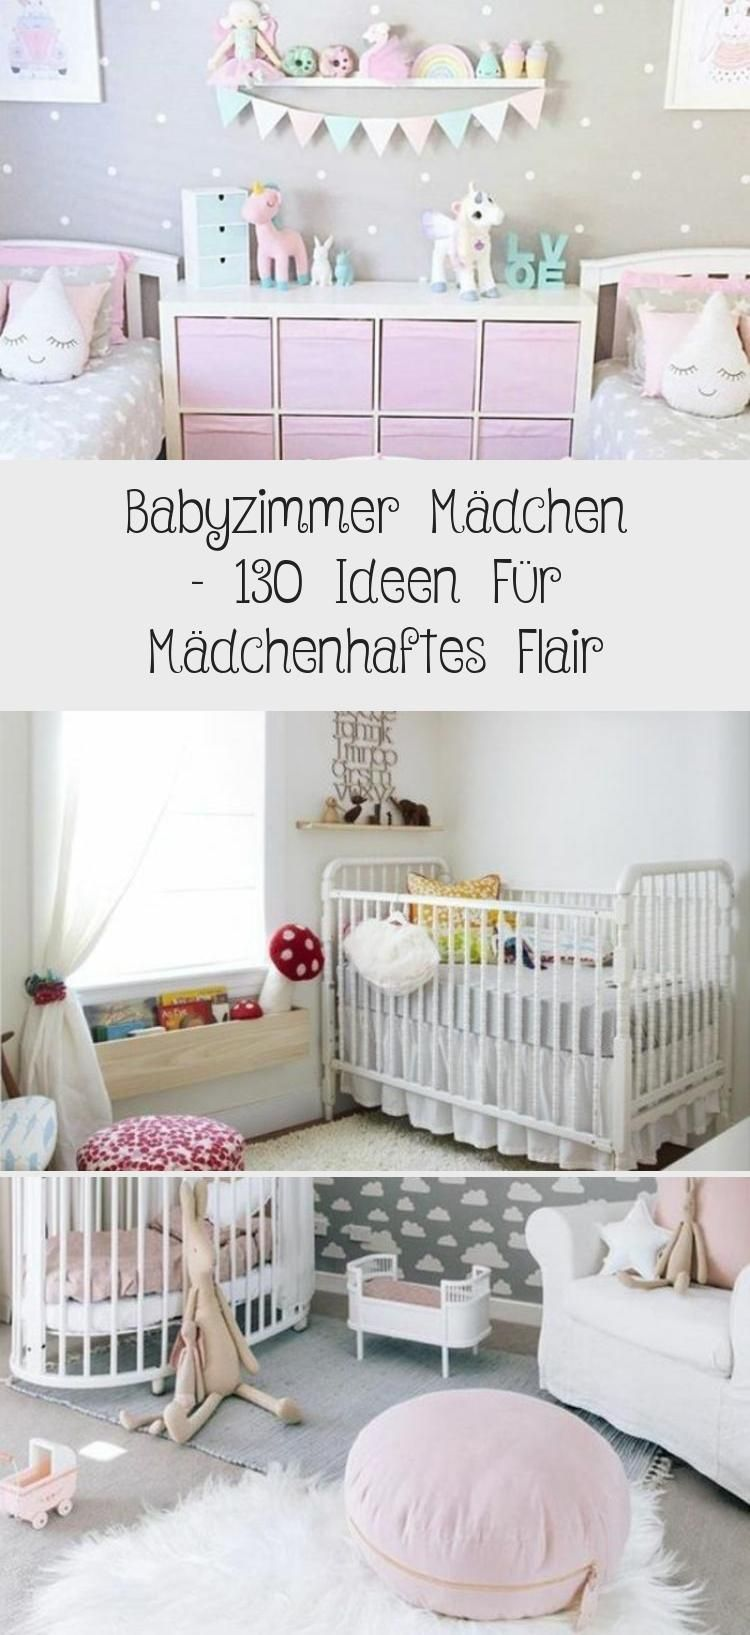 Babyzimmer Madchen 130 Ideen Fur Madchenhaftes Flair Dekoration